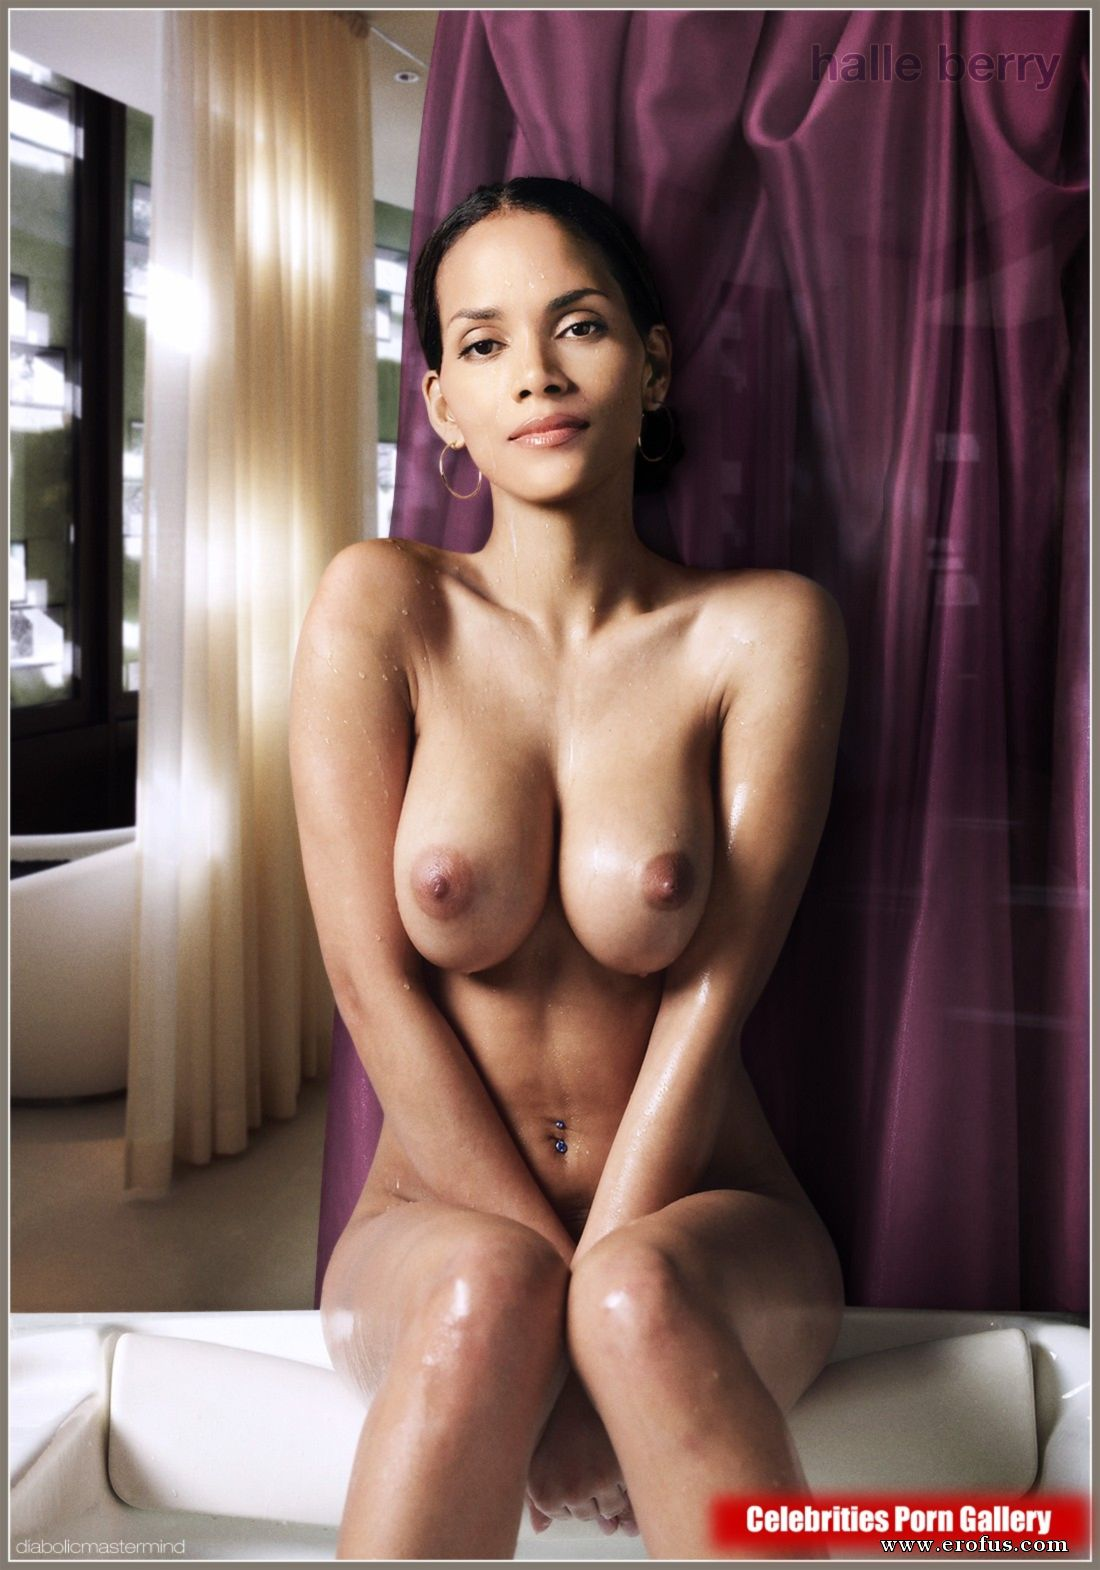 Kat Dennings Fake Nude Celebs